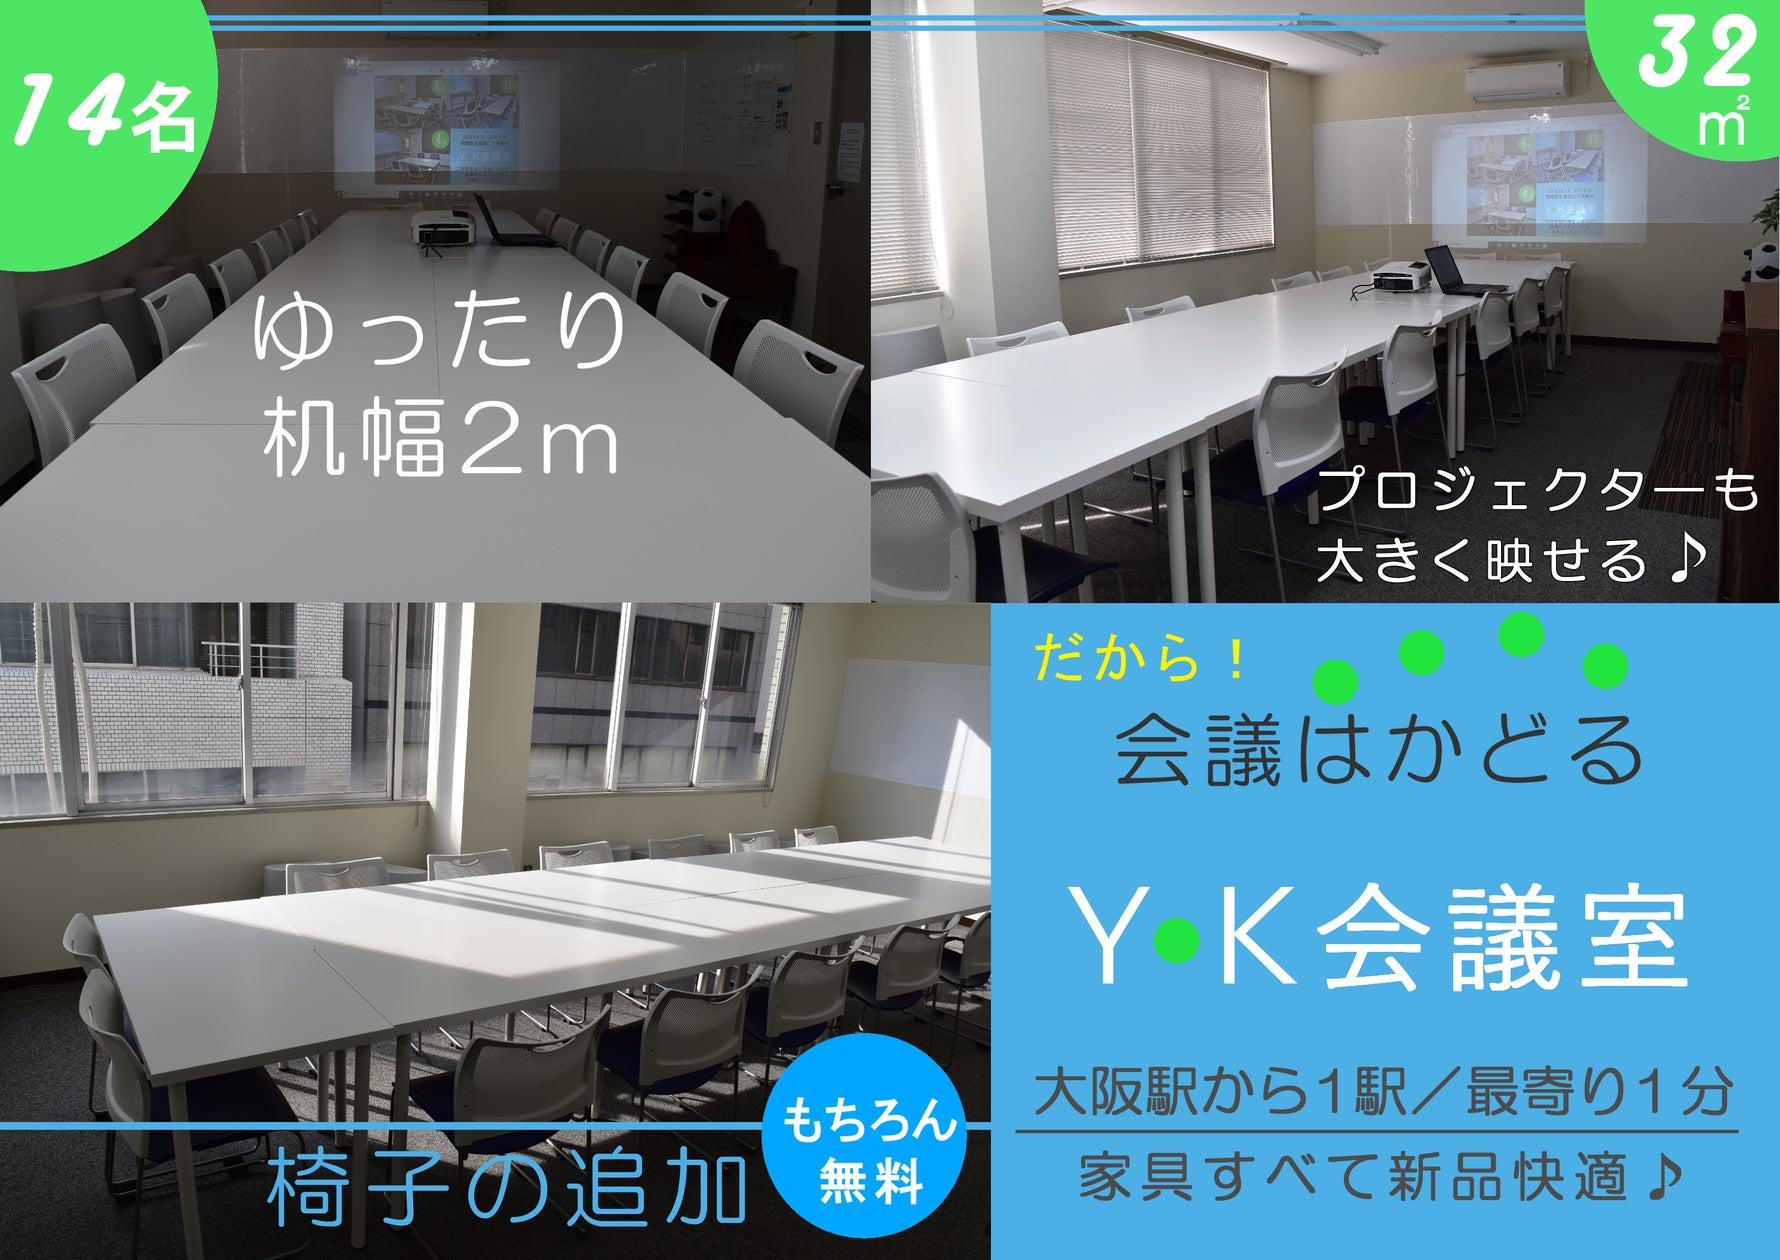 梅田1駅〈淀屋橋3分、北浜1分、>駅近!安い!綺麗!1 2~14名程度の会議・セミナー・研修に是非